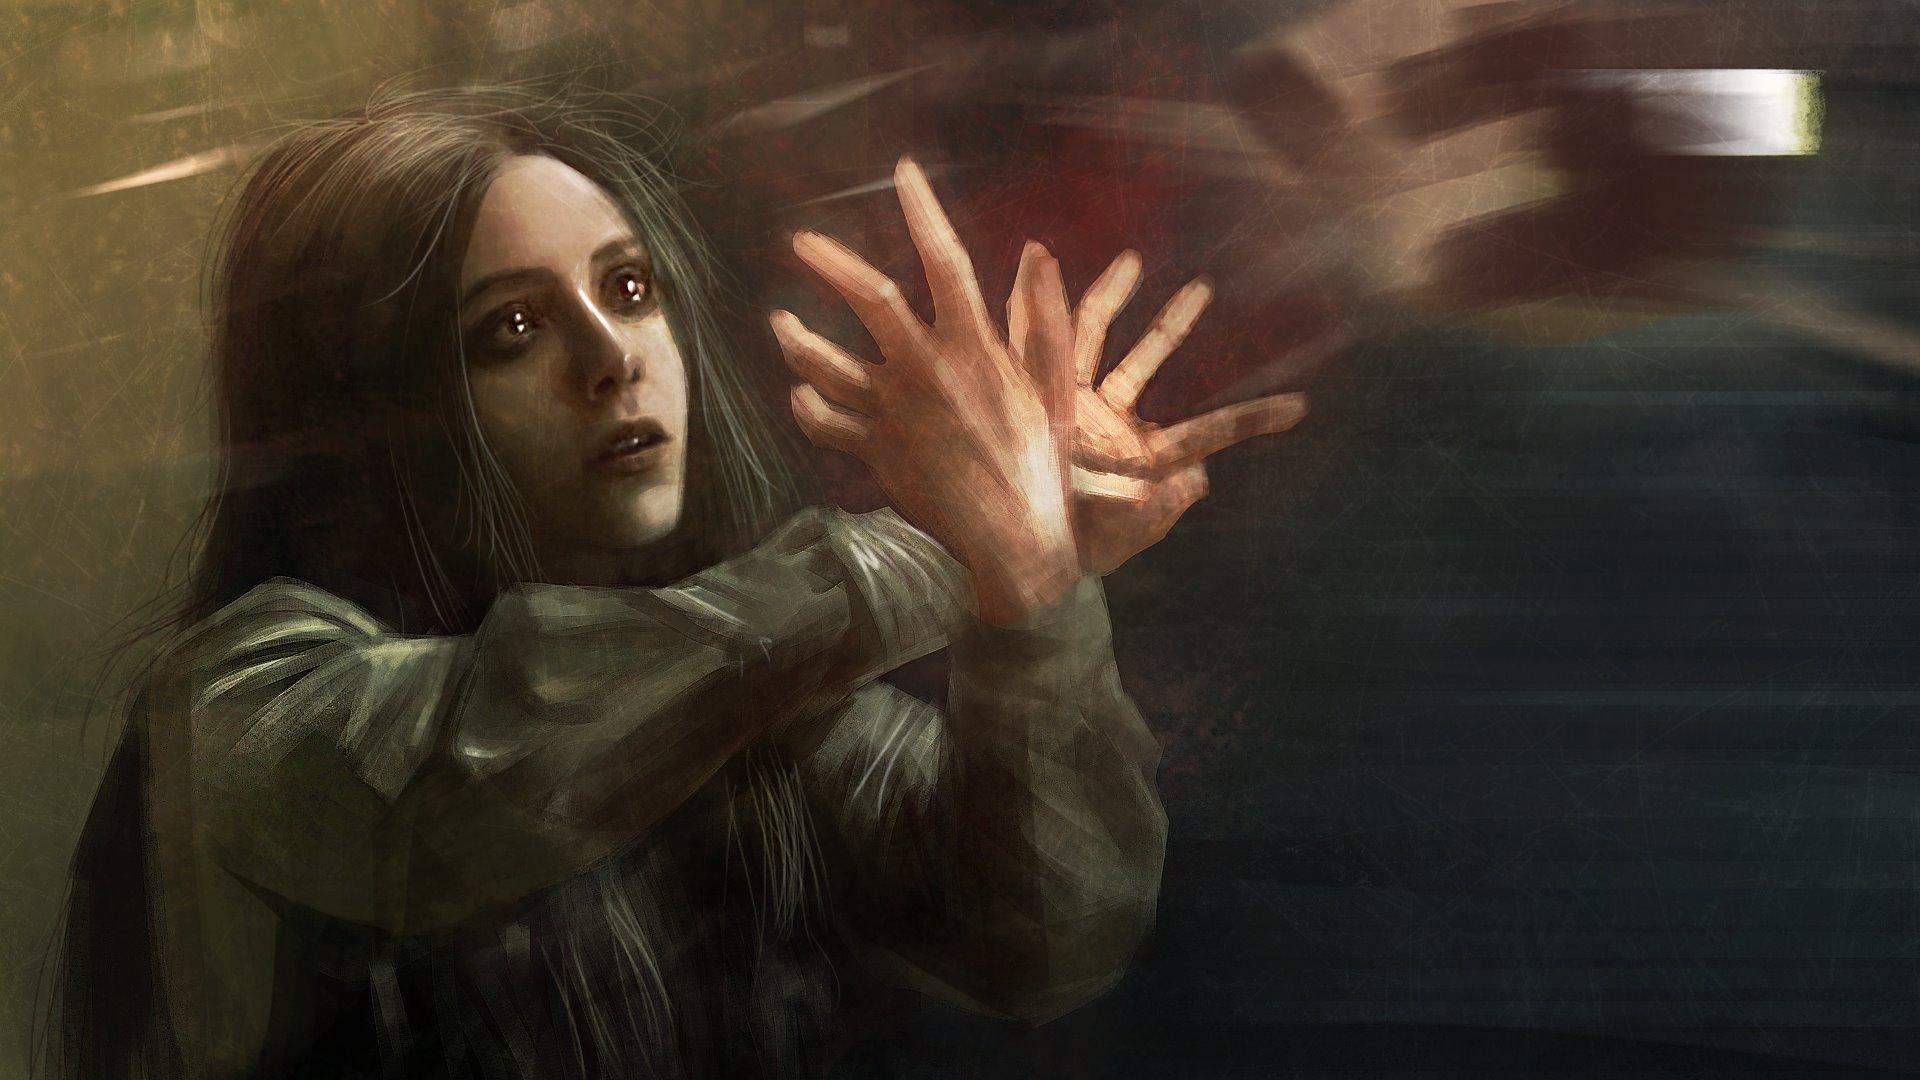 Kittichai reaungchaichan scarlet witch